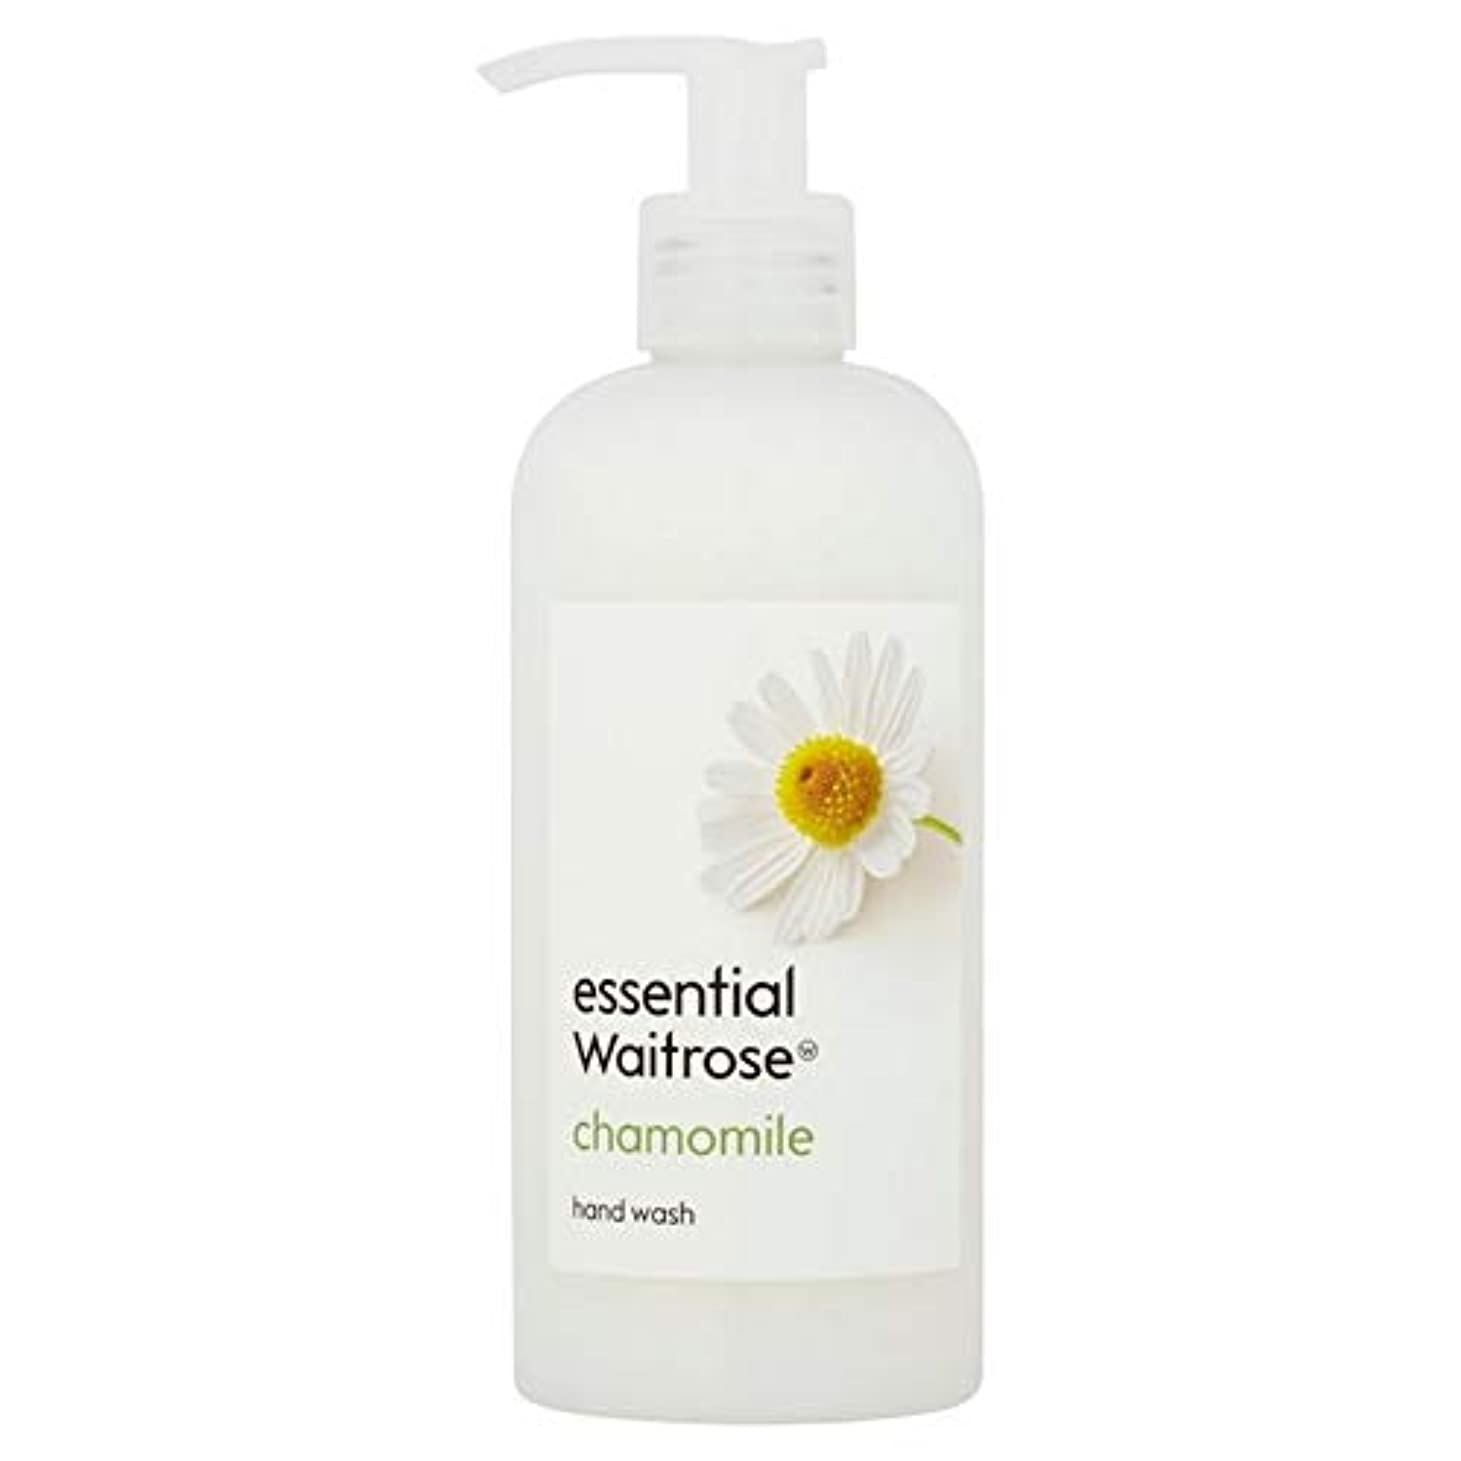 海嶺殺人者逆さまに[Waitrose ] 基本的なウェイトローズのハンドウォッシュカモミール300ミリリットル - Essential Waitrose Hand Wash Chamomile 300ml [並行輸入品]